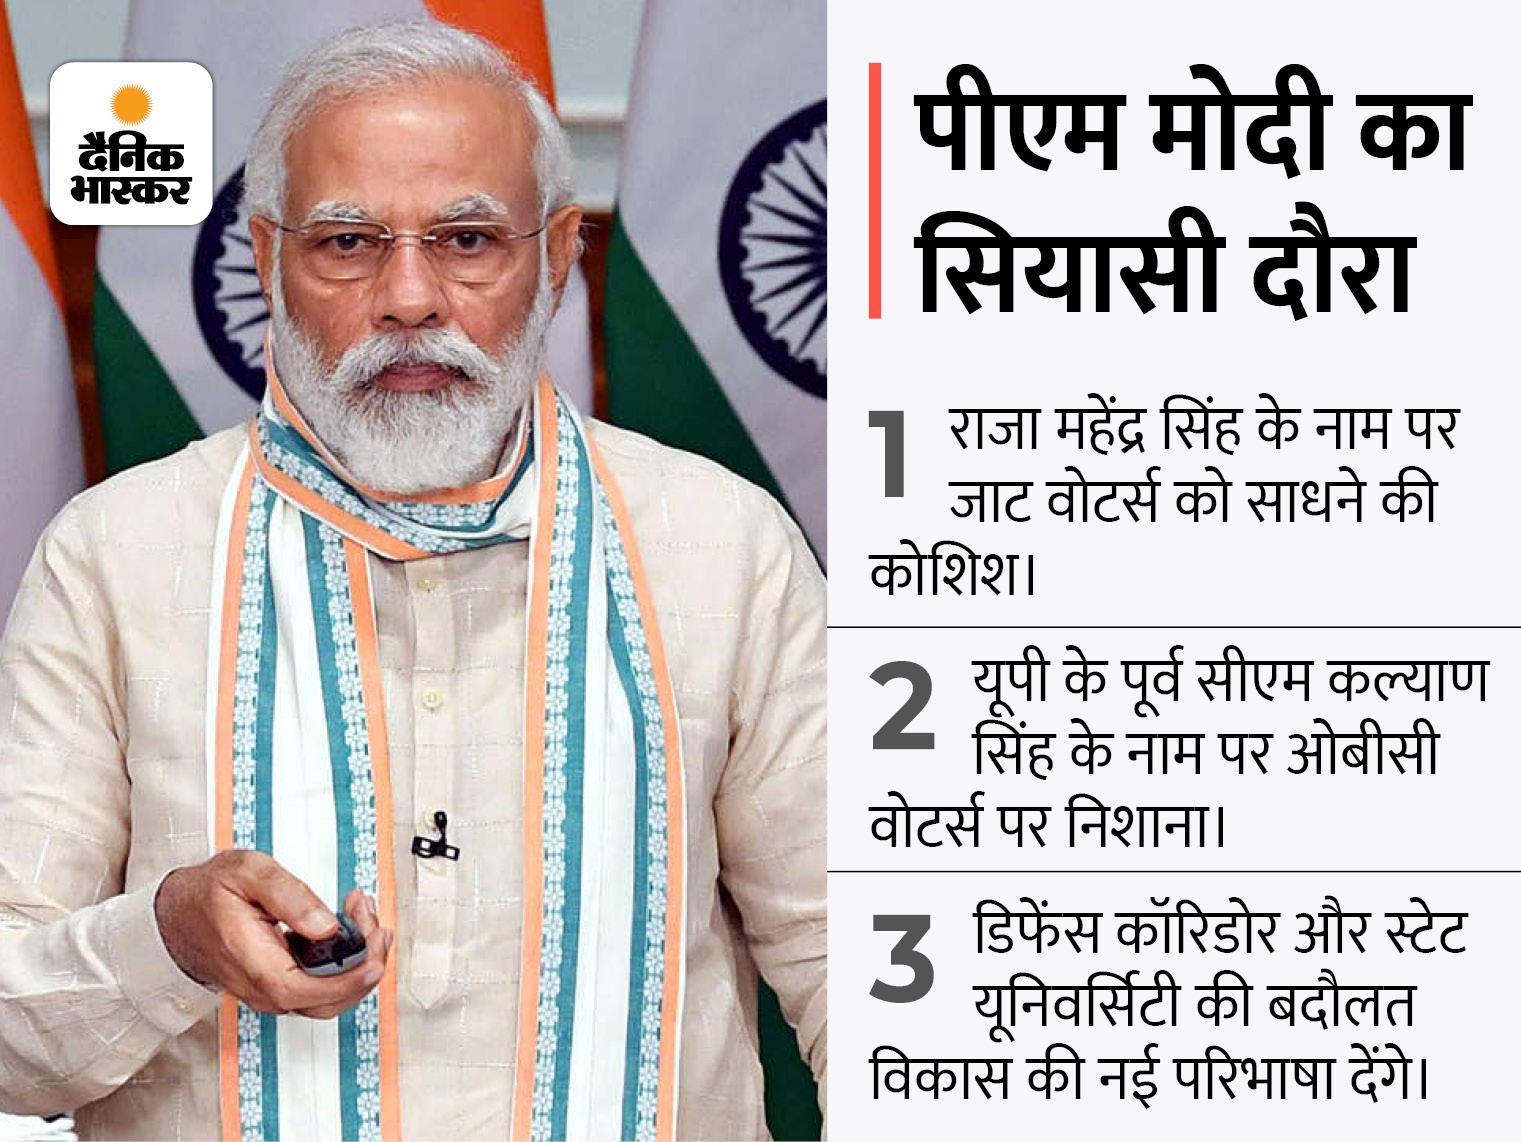 पश्चिमी यूपी की 100 विधानसभा सीटों पर फोकस; जाट और ओबीसी वोटर्स को साधने की कोशिश; 3 पॉइंट्स में समझें प्रधानमंत्री के दौरे का पूरा गणित|लखनऊ,Lucknow - Dainik Bhaskar